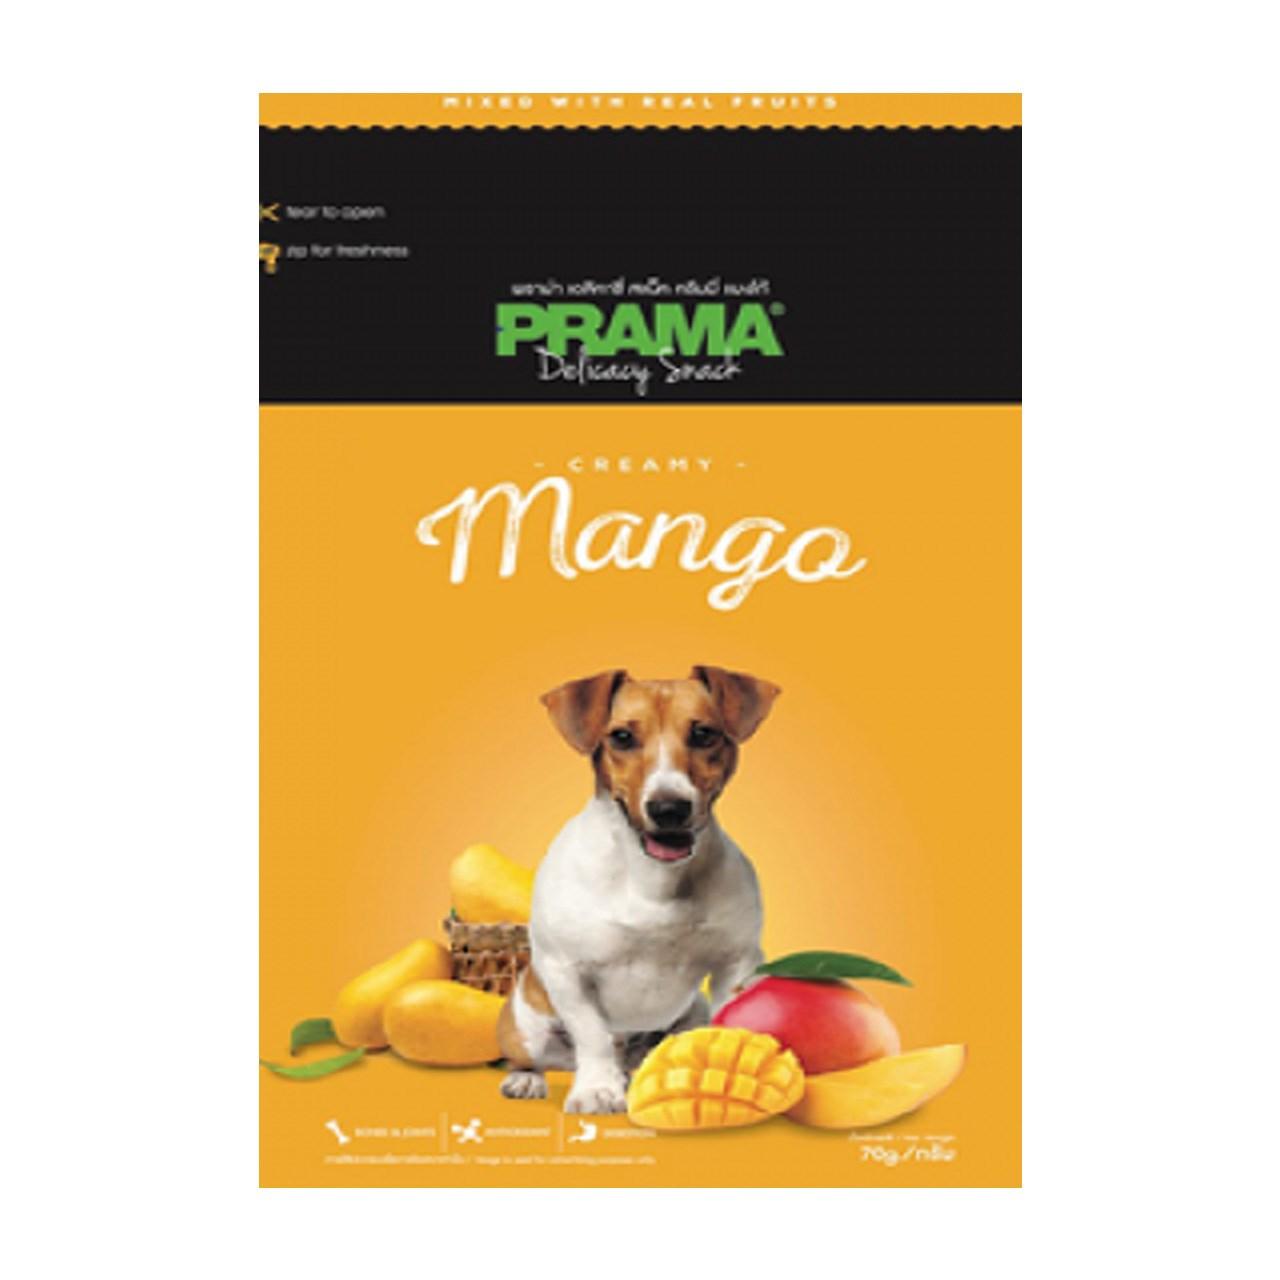 غذای خشک سگ پراما مدل تشویقی انبه